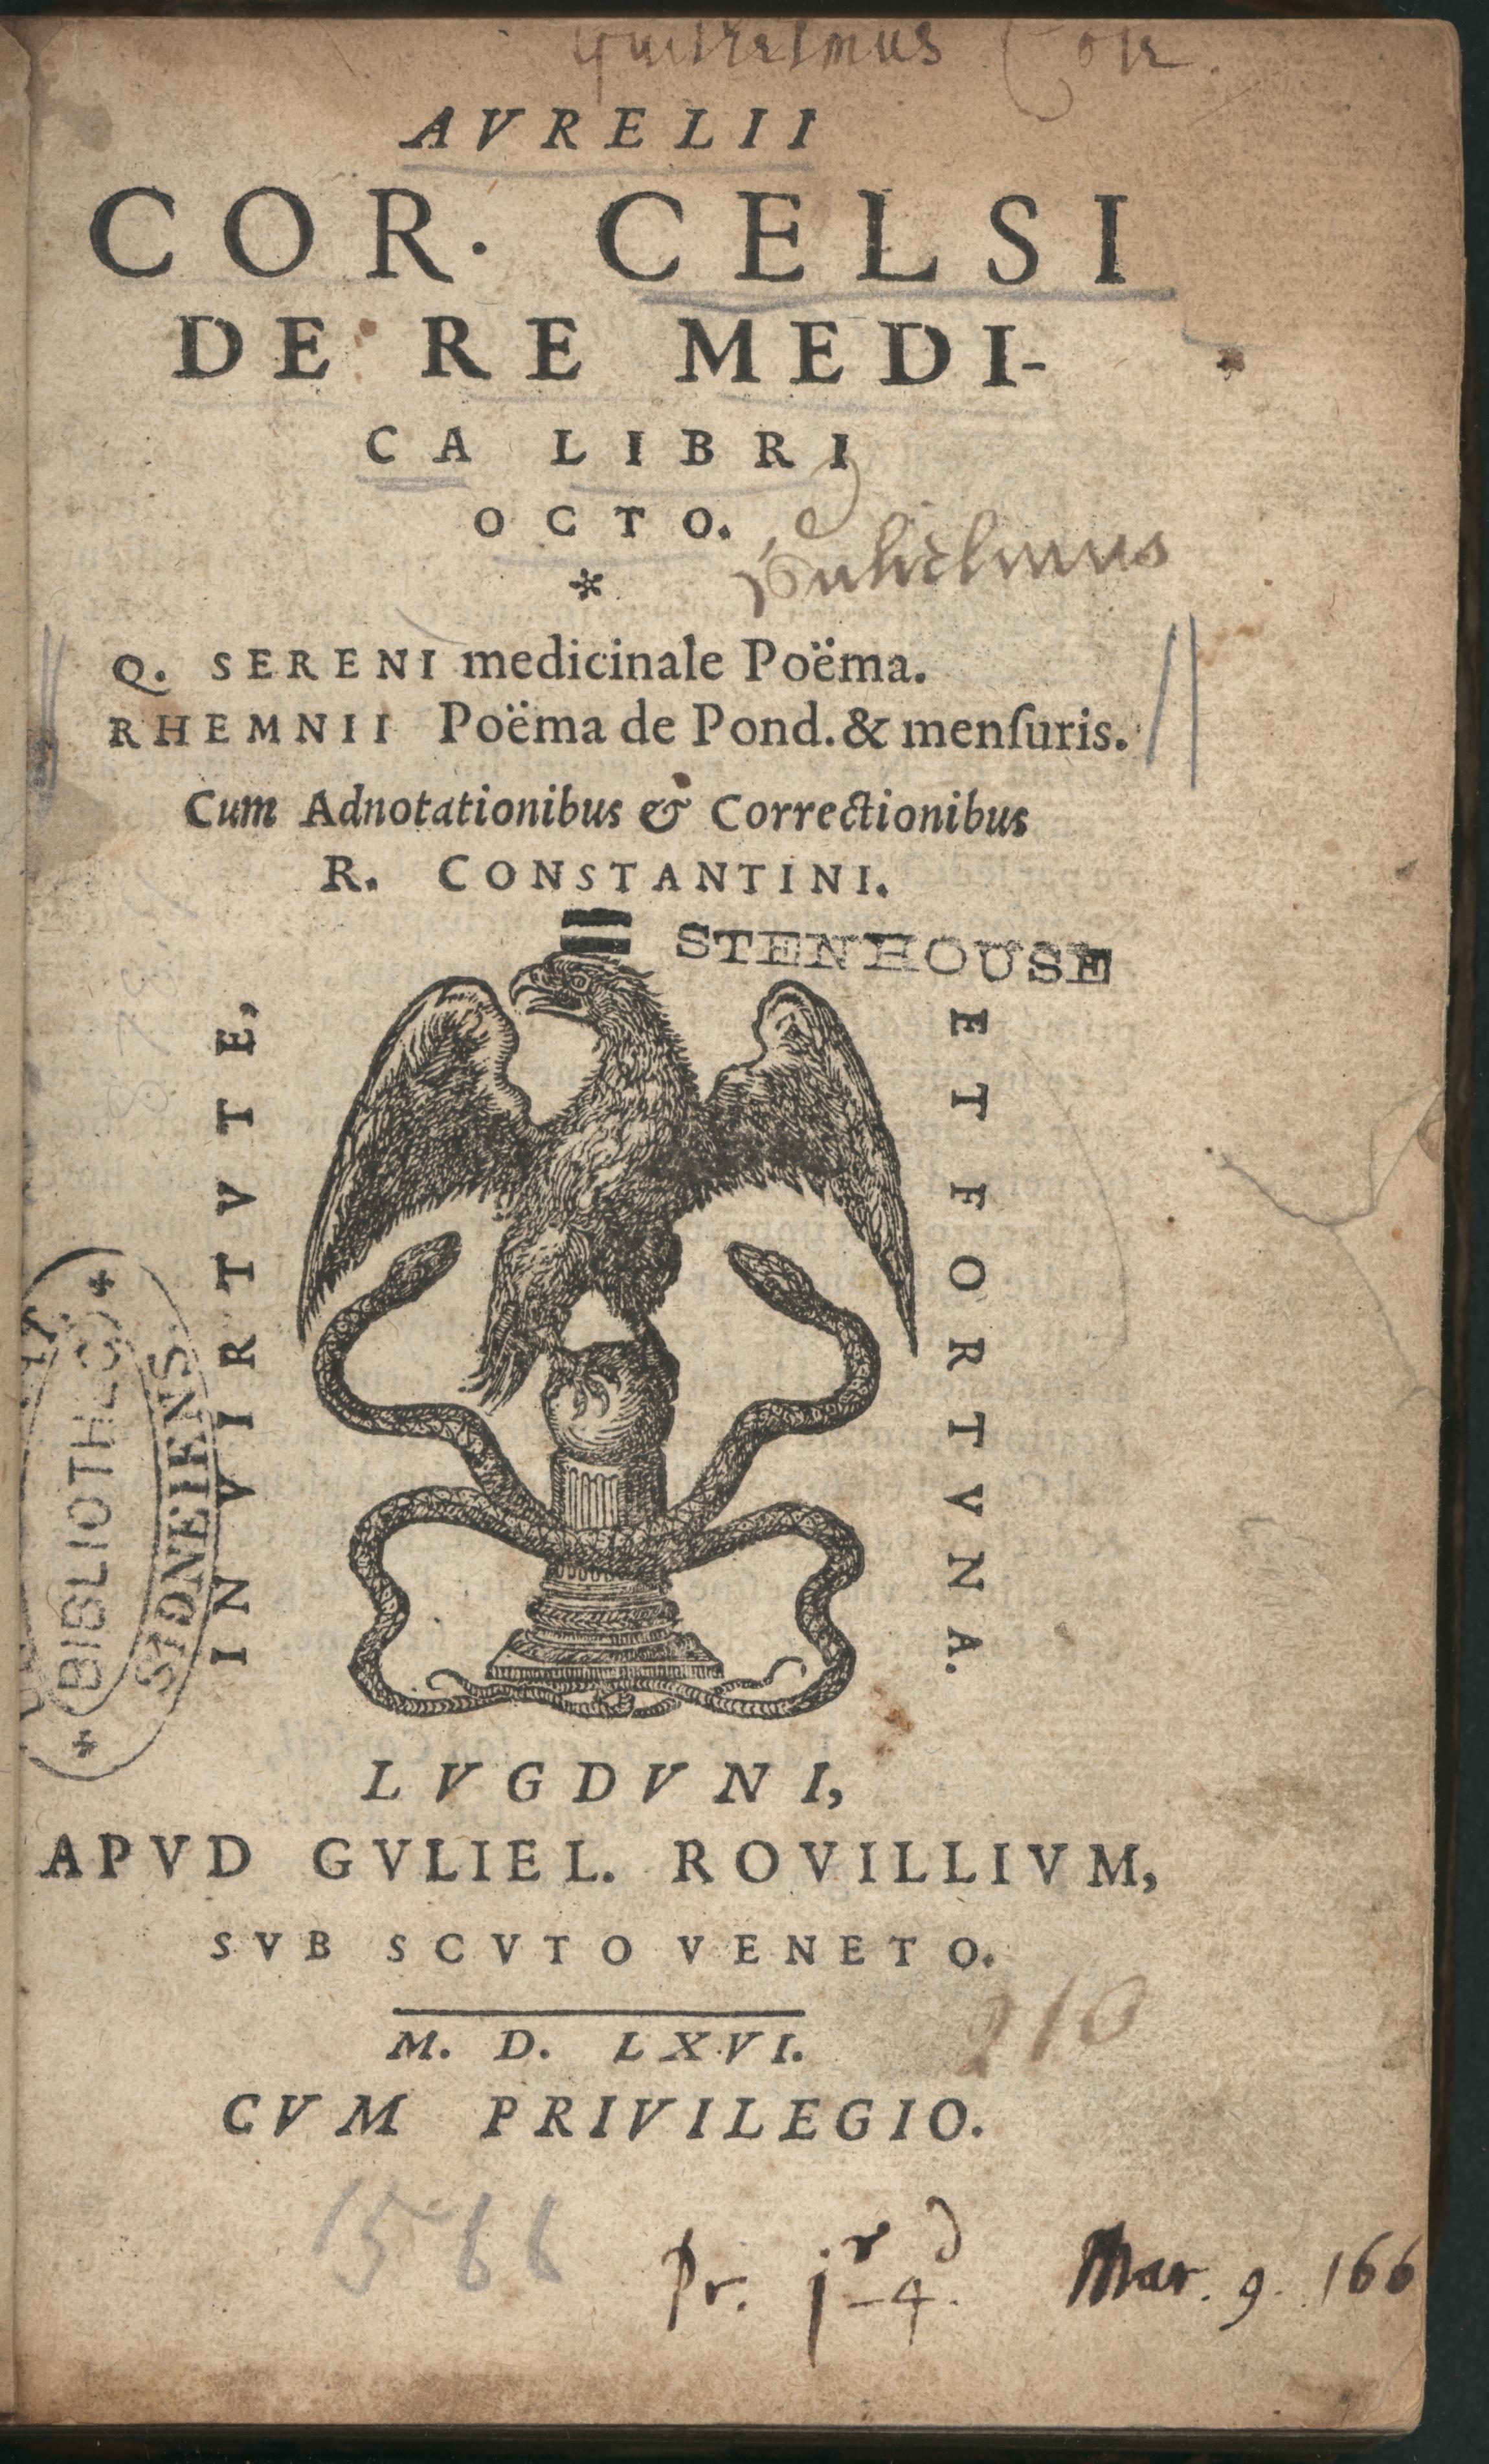 Image From Celsus De Re Medica